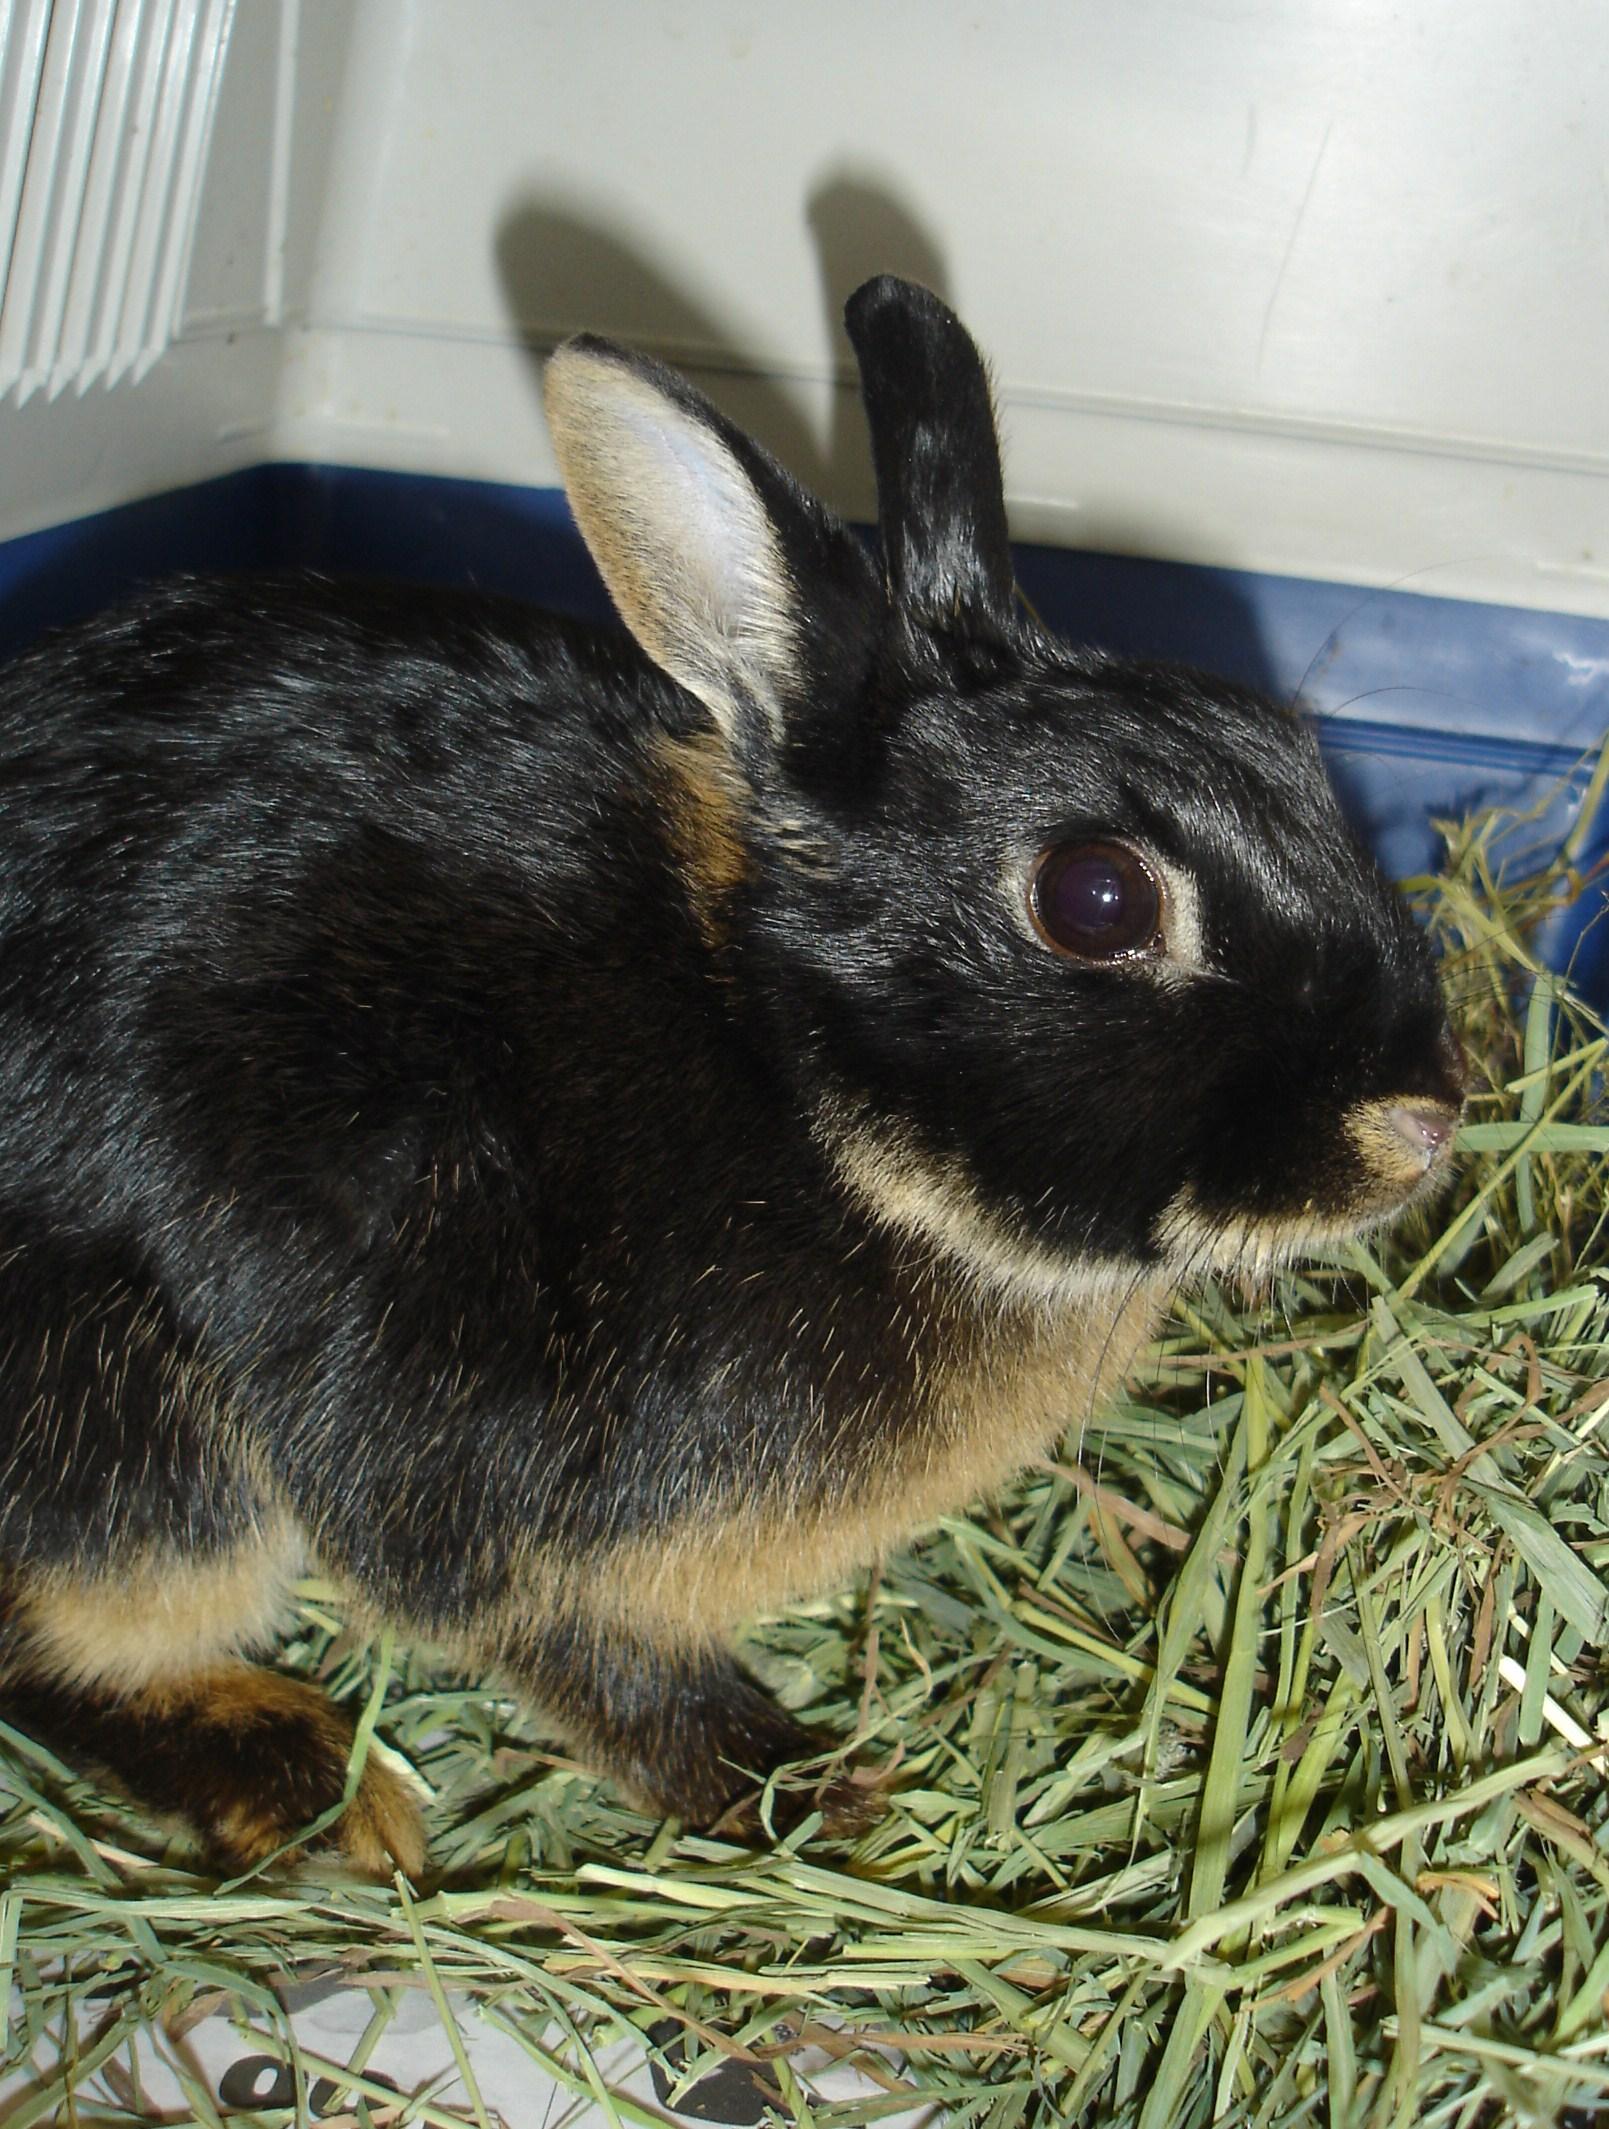 Jeg var på dyreklinikken Dyrebeskyttelsen Oslo og Akershus brukte på kanin,da Melis ble levert inn. Jeg fikk beskjed om å finne et navn til henne og kalte henne Melis etter en rotte jeg hadde da jeg vokste opp. Jeg sa også med det samme at jeg ville adoptere henne selv.... og sånn ble det. Kjærlighet ved første blikk. Gratulerer med dagen Melis